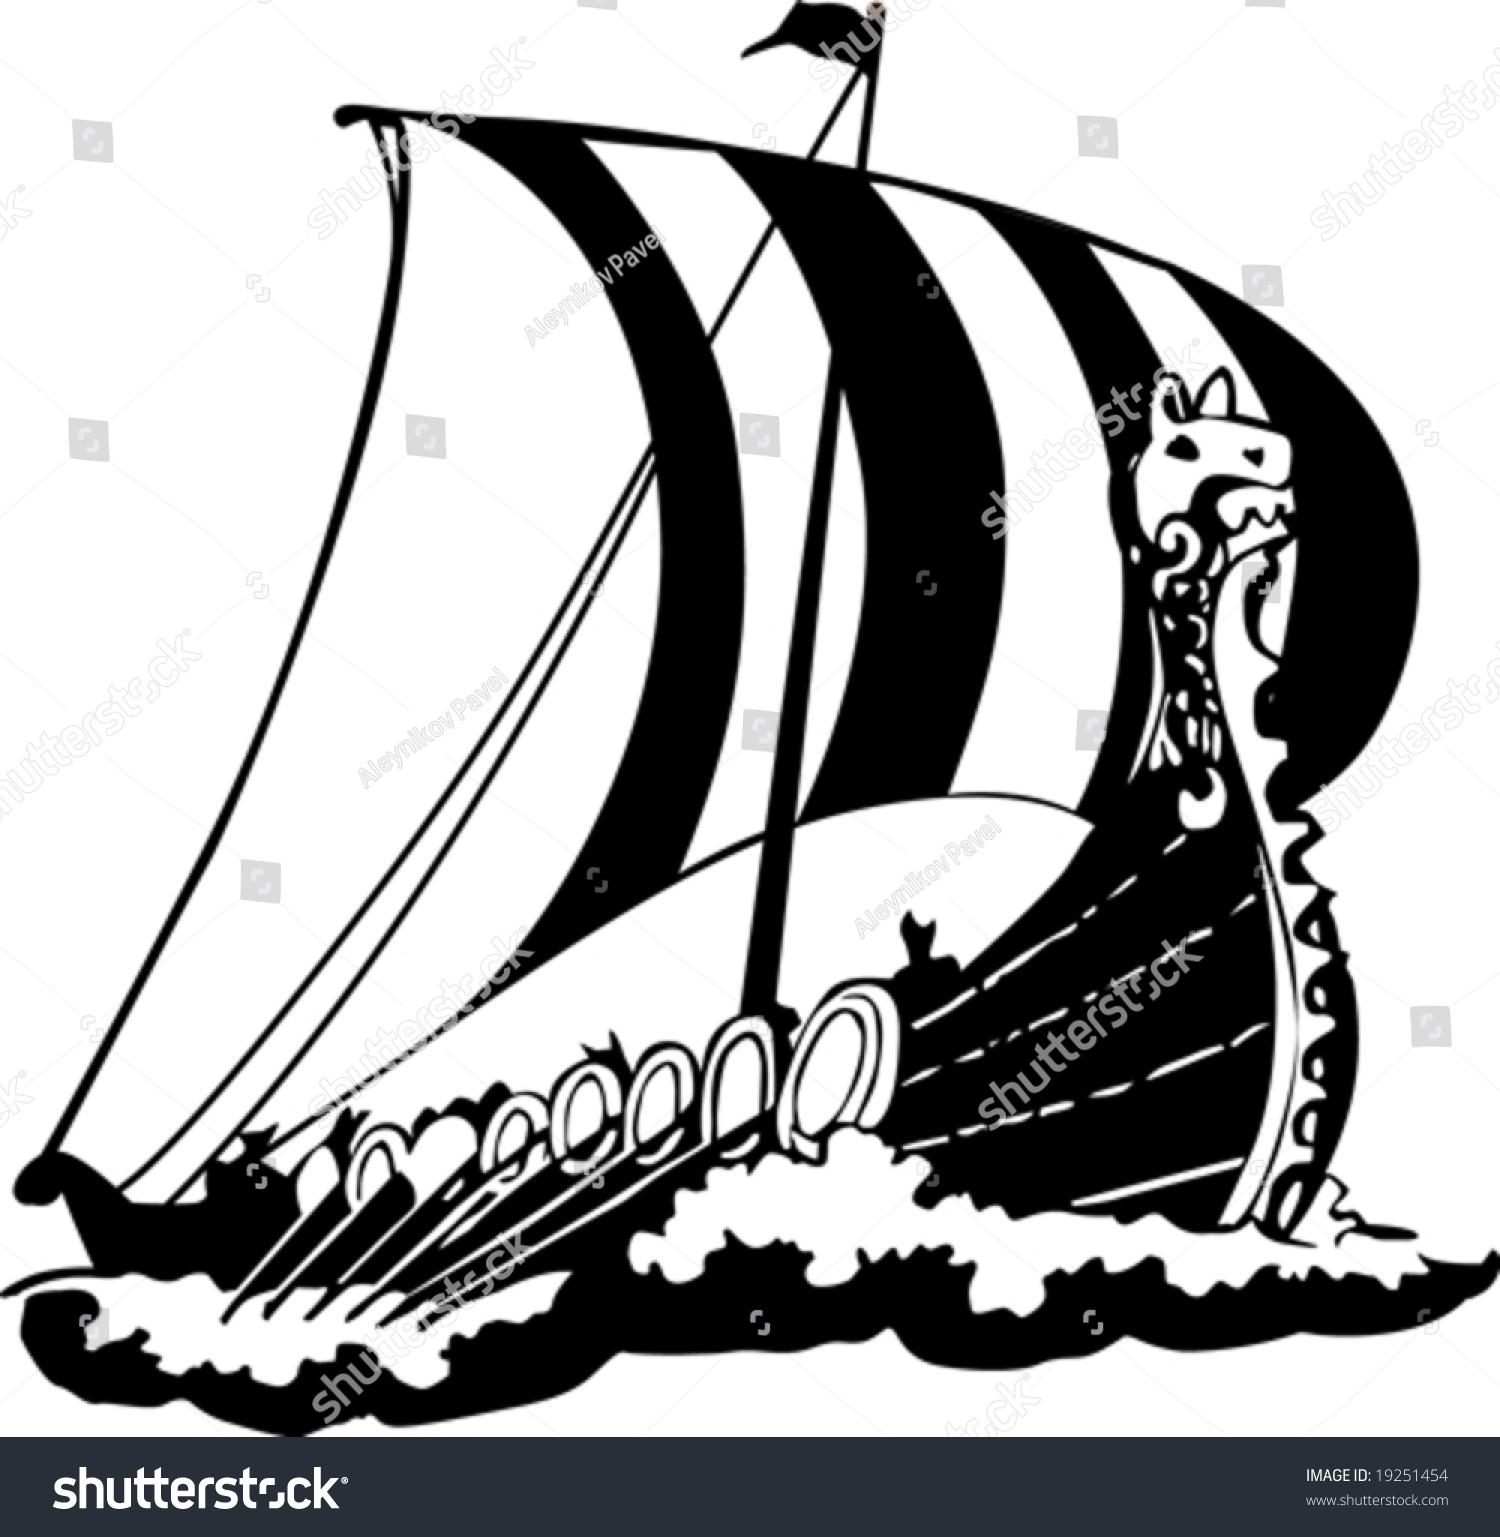 Vector Ship Of Vikings - 19251454 : Shutterstock